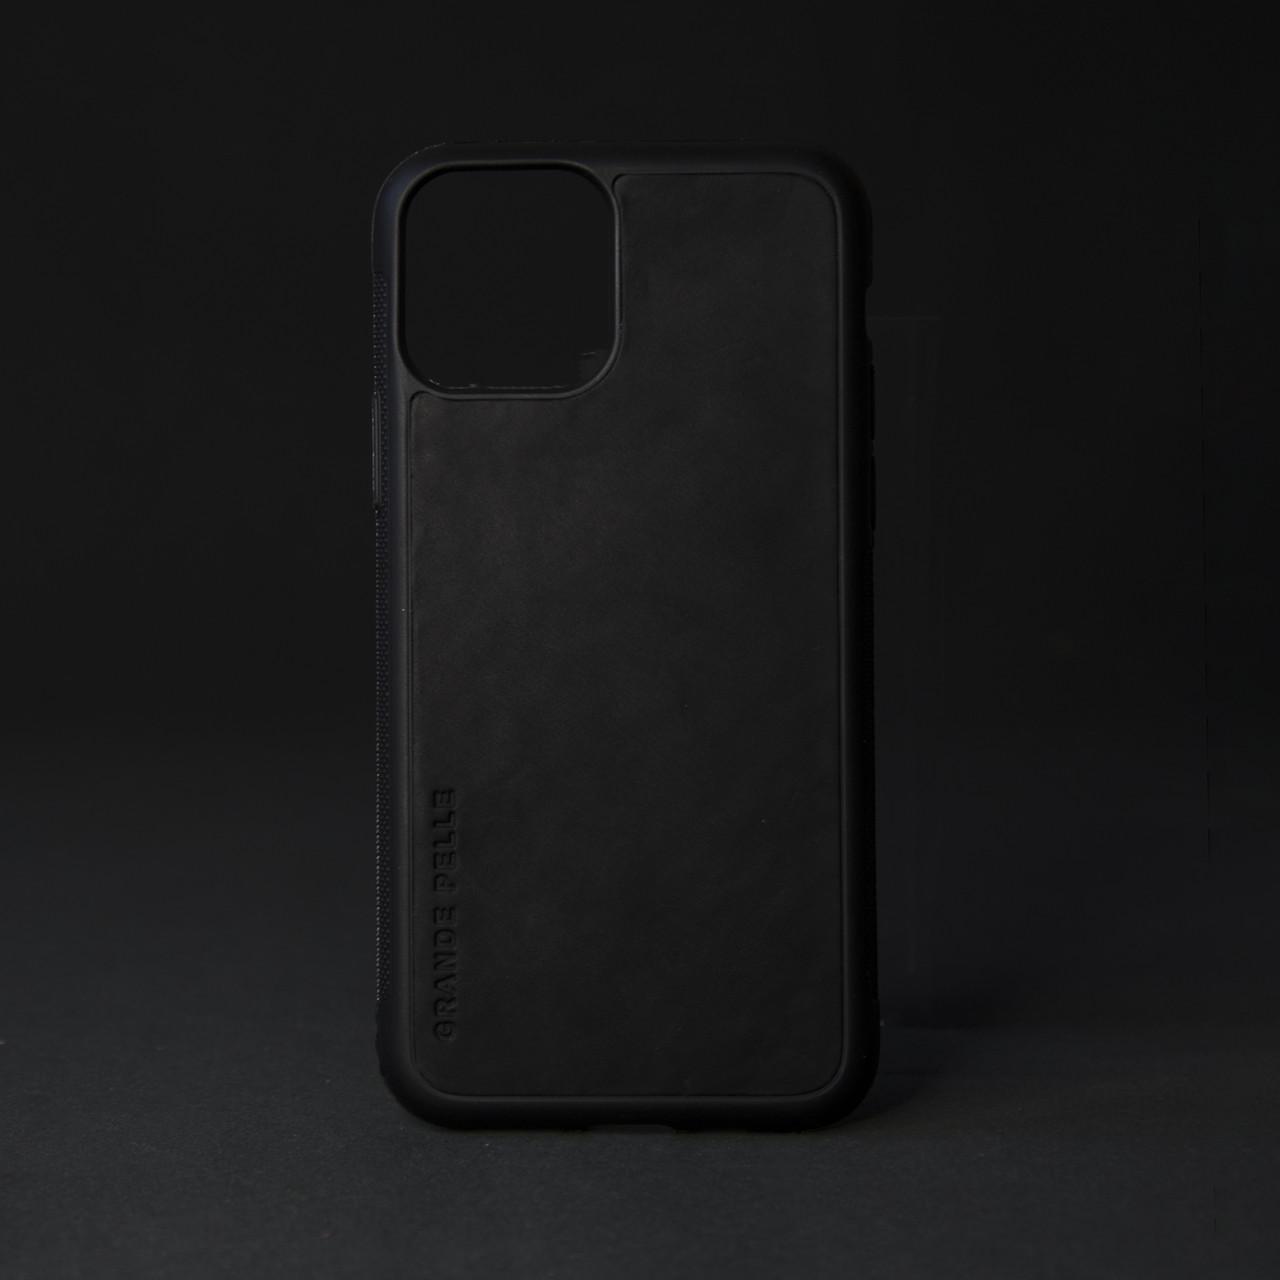 Кейс для IPhone, чорний матовий